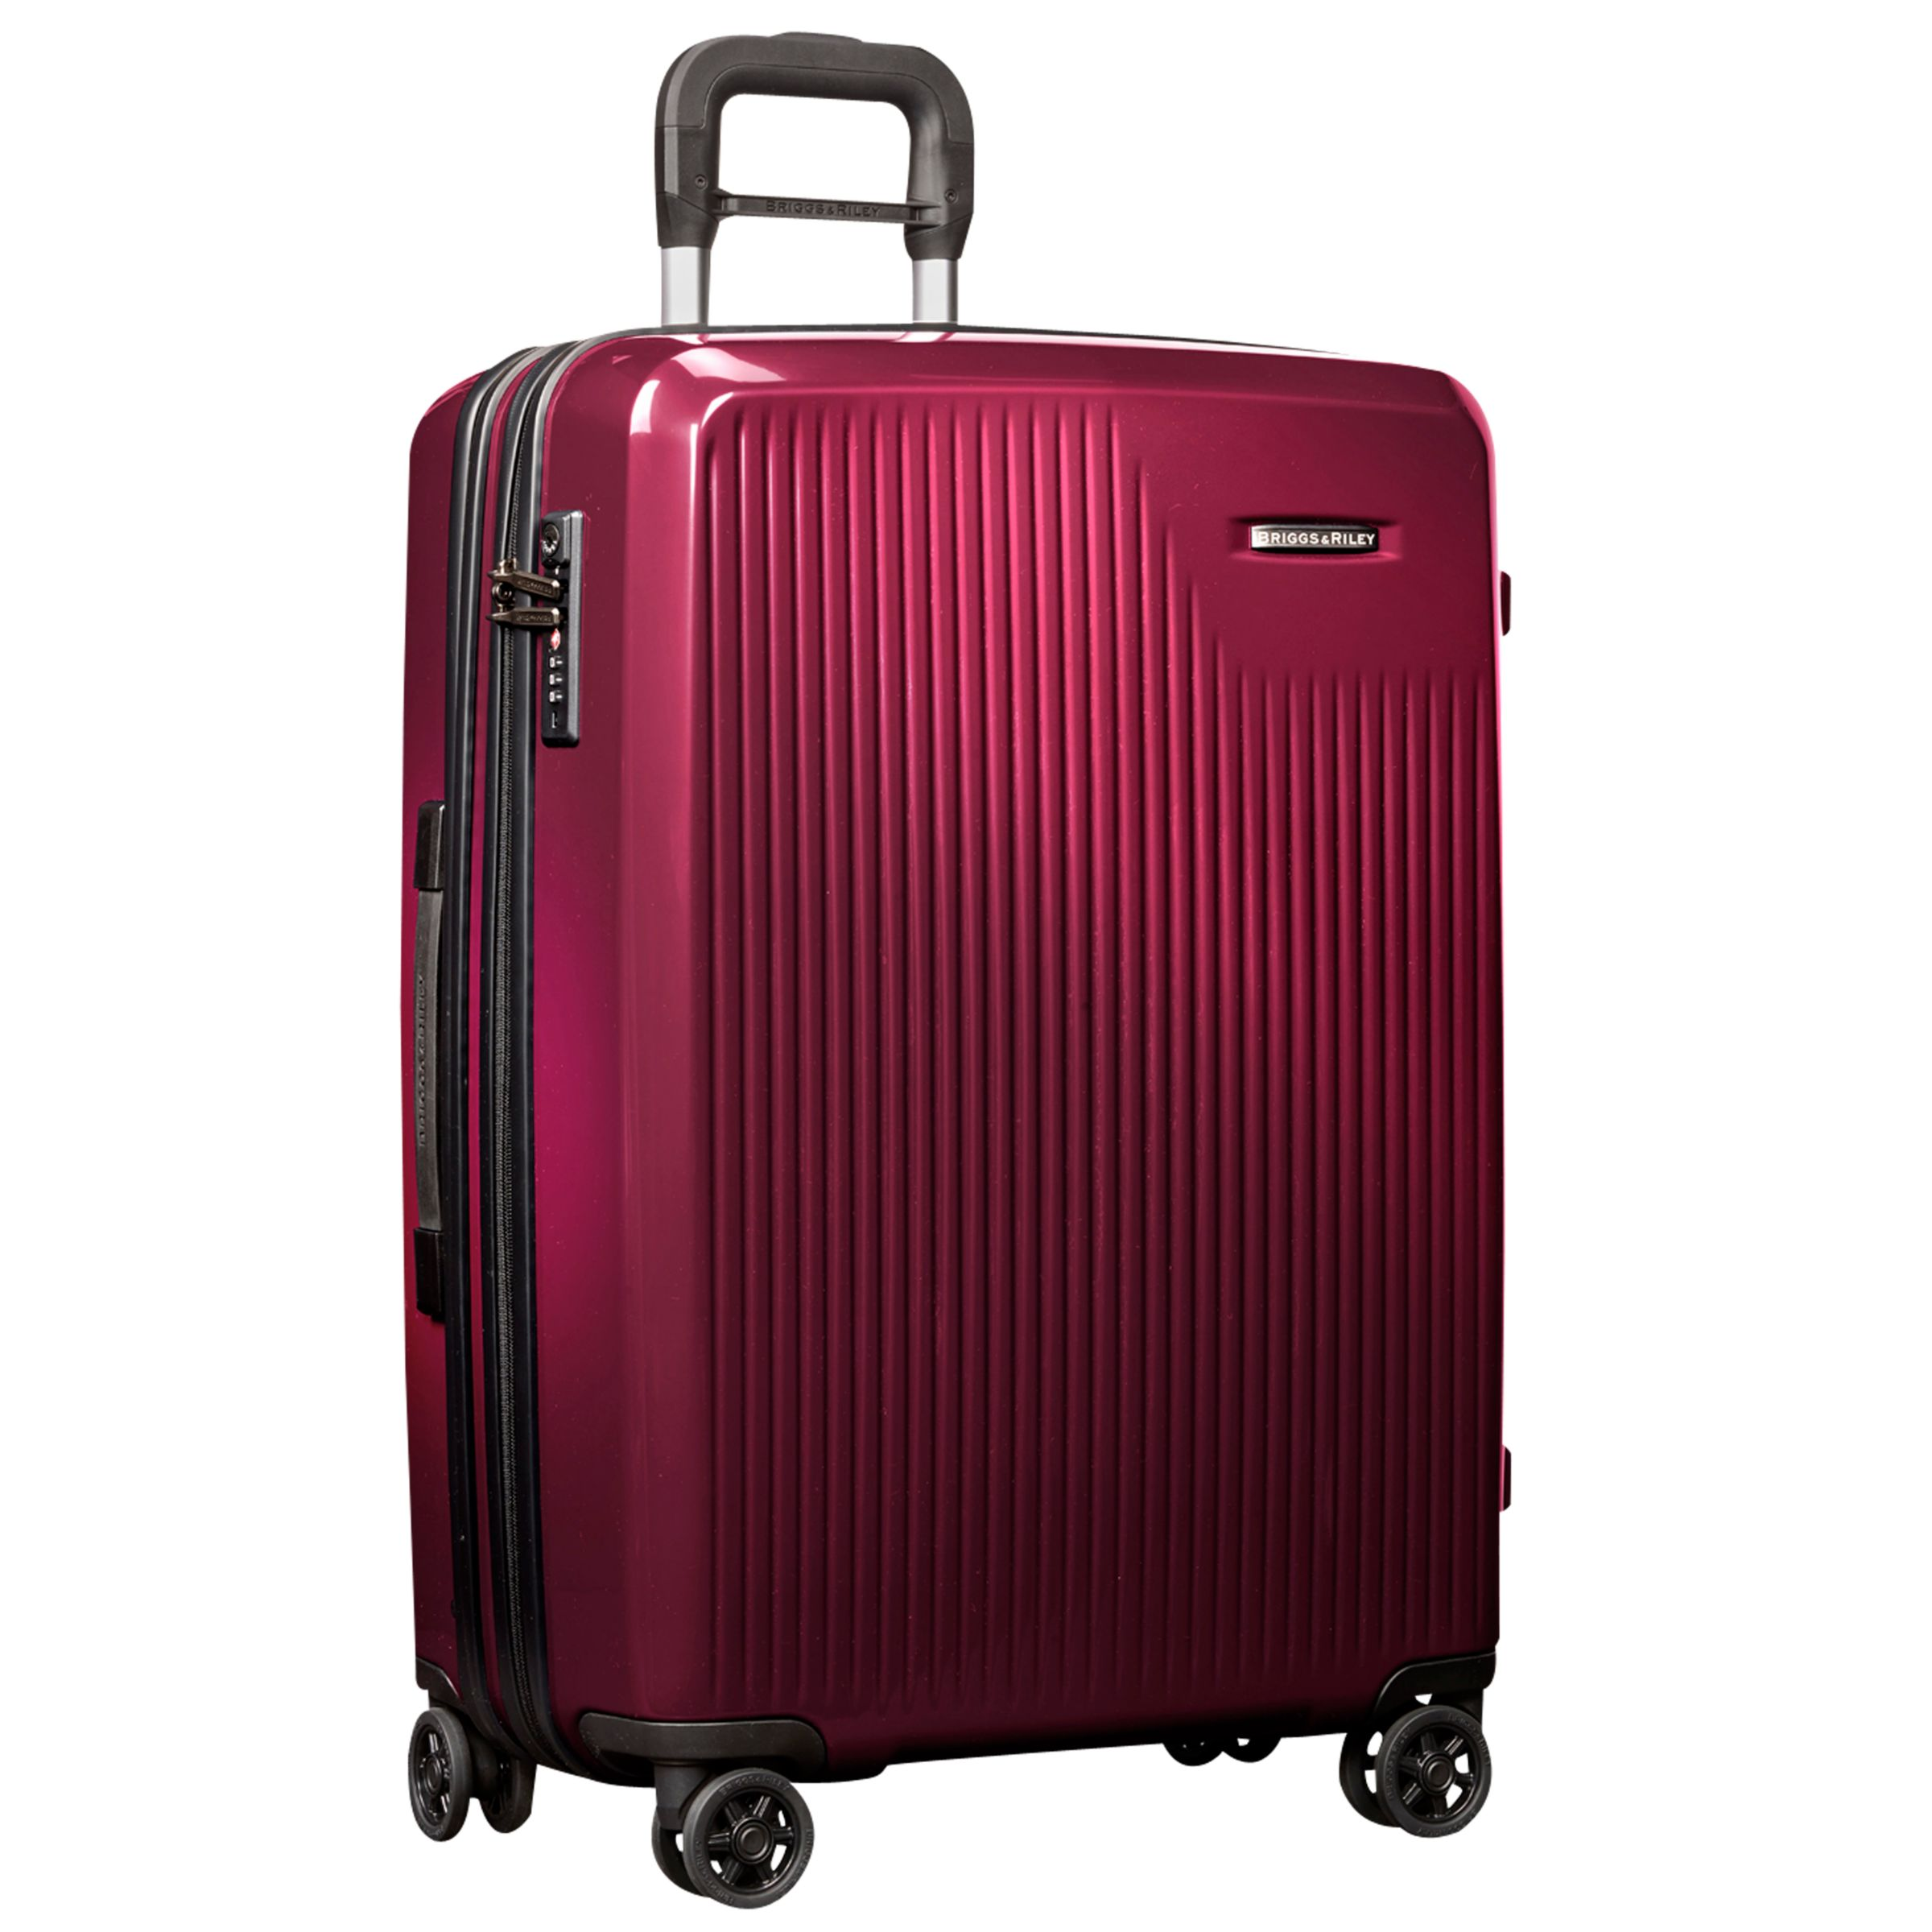 Briggs & Riley Briggs & Riley Sympatico 4-Wheel Expandable Medium Suitcase